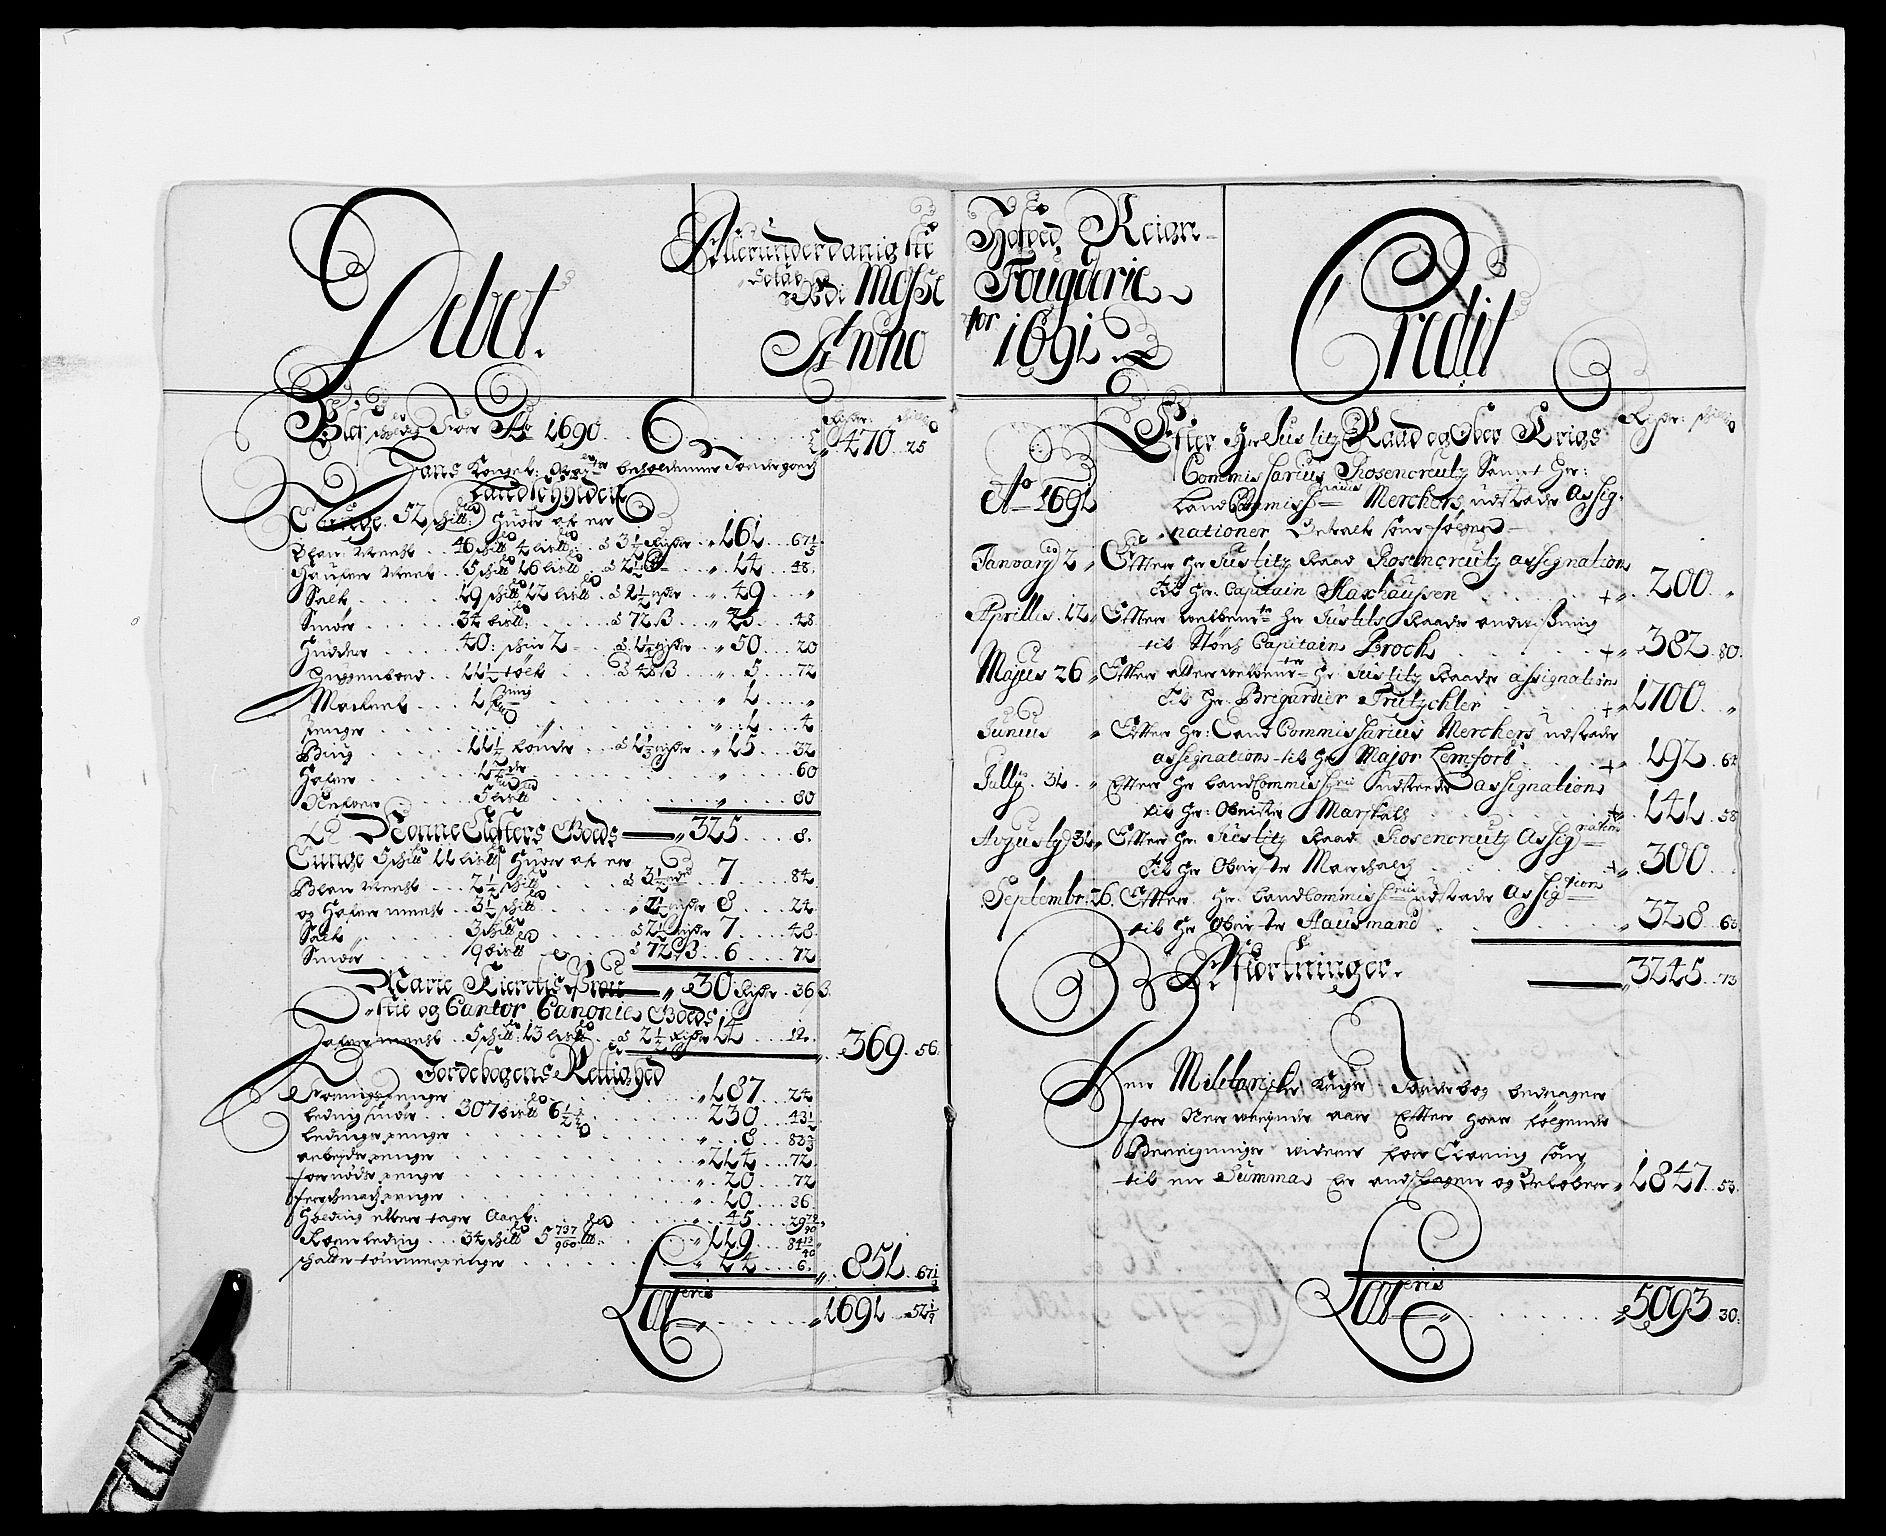 RA, Rentekammeret inntil 1814, Reviderte regnskaper, Fogderegnskap, R02/L0106: Fogderegnskap Moss og Verne kloster, 1688-1691, s. 425